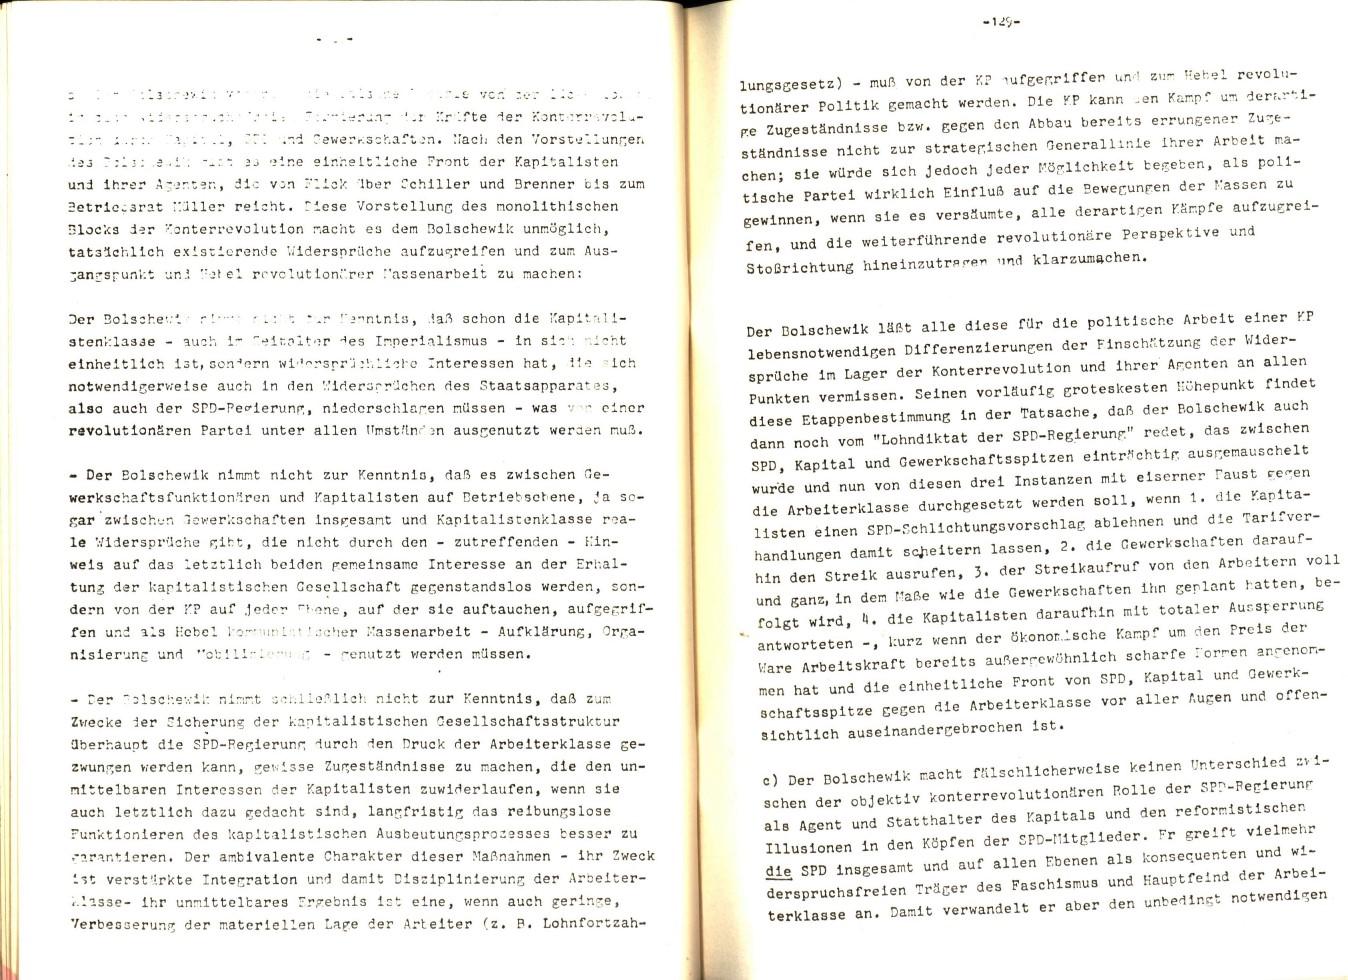 PLPI_1971_Aufloesung_67